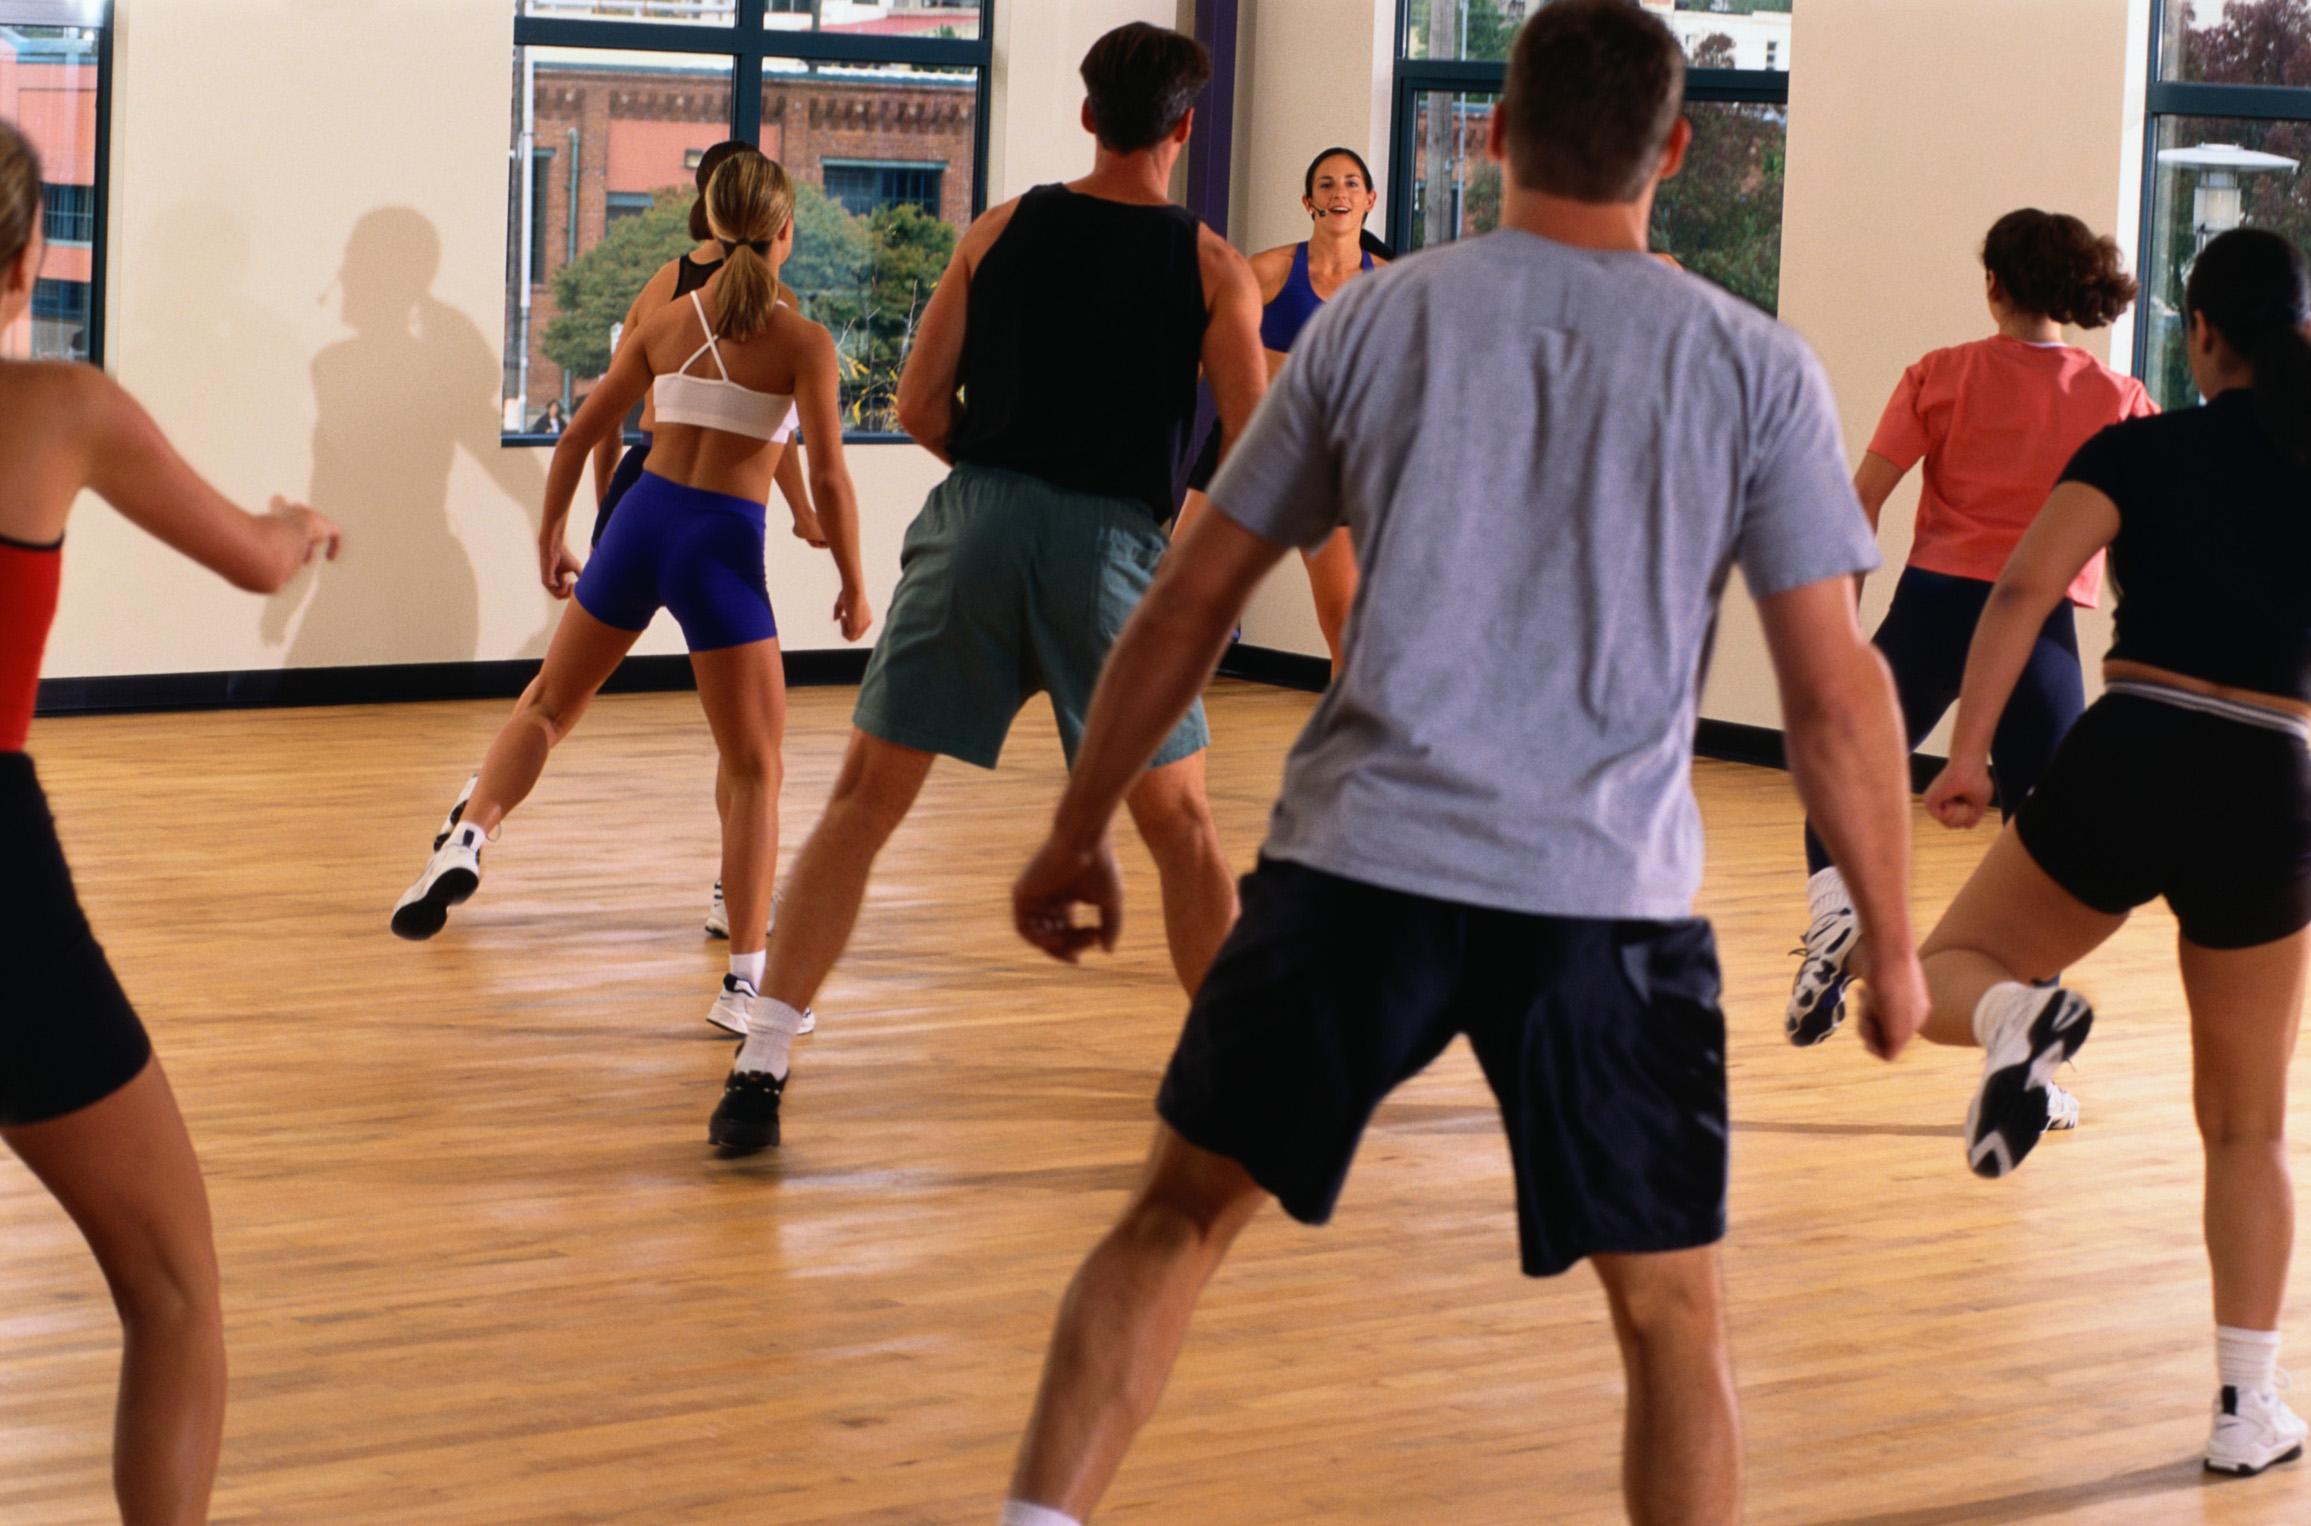 Άσκηση και μεταβολικό σύνδρομο